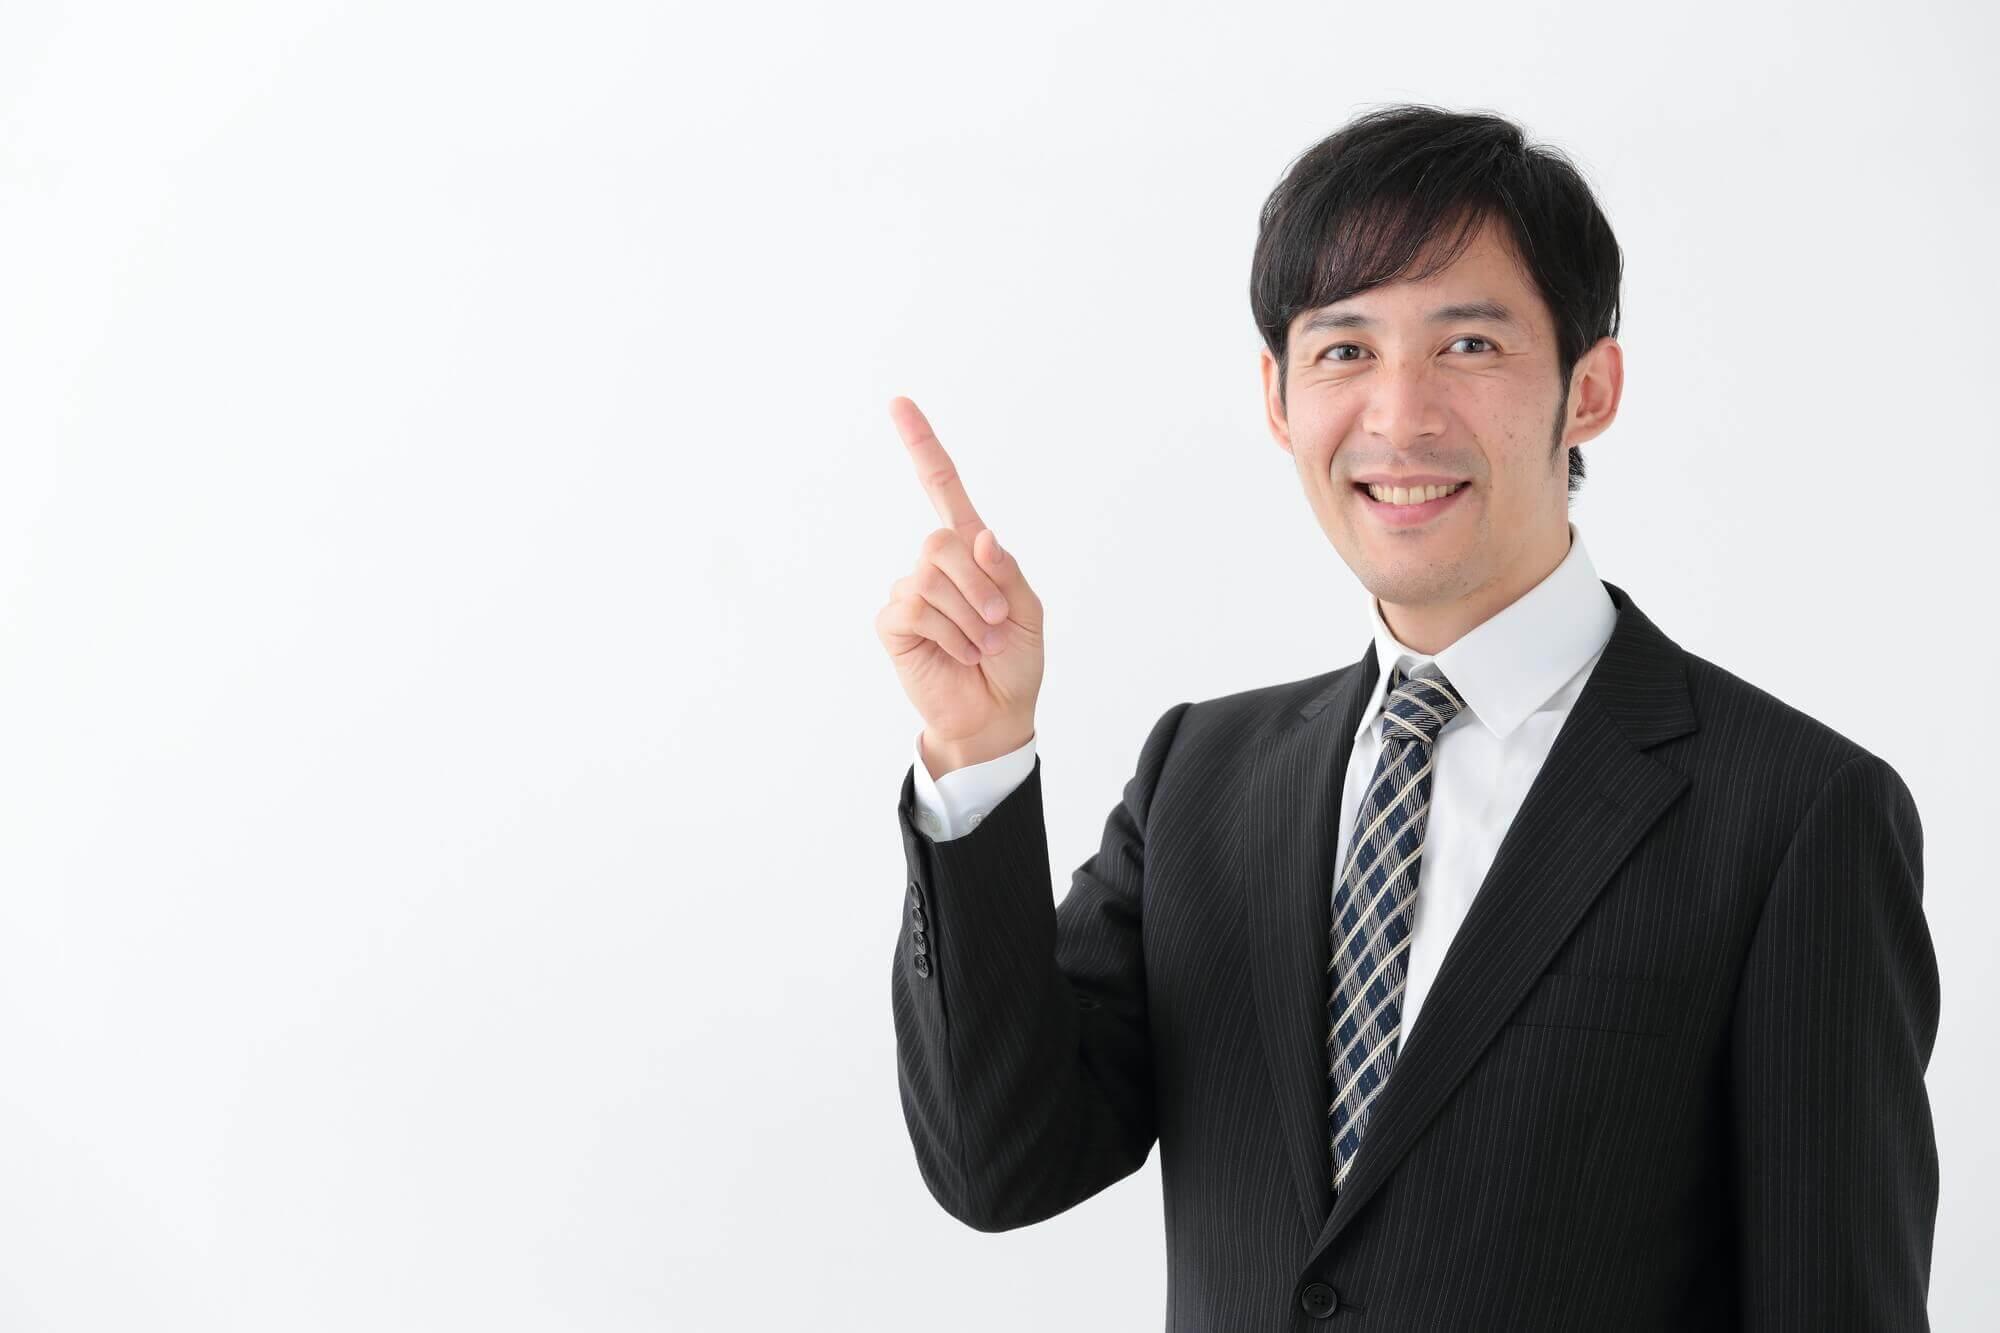 生前整理 ゴミ屋敷 ブログ05